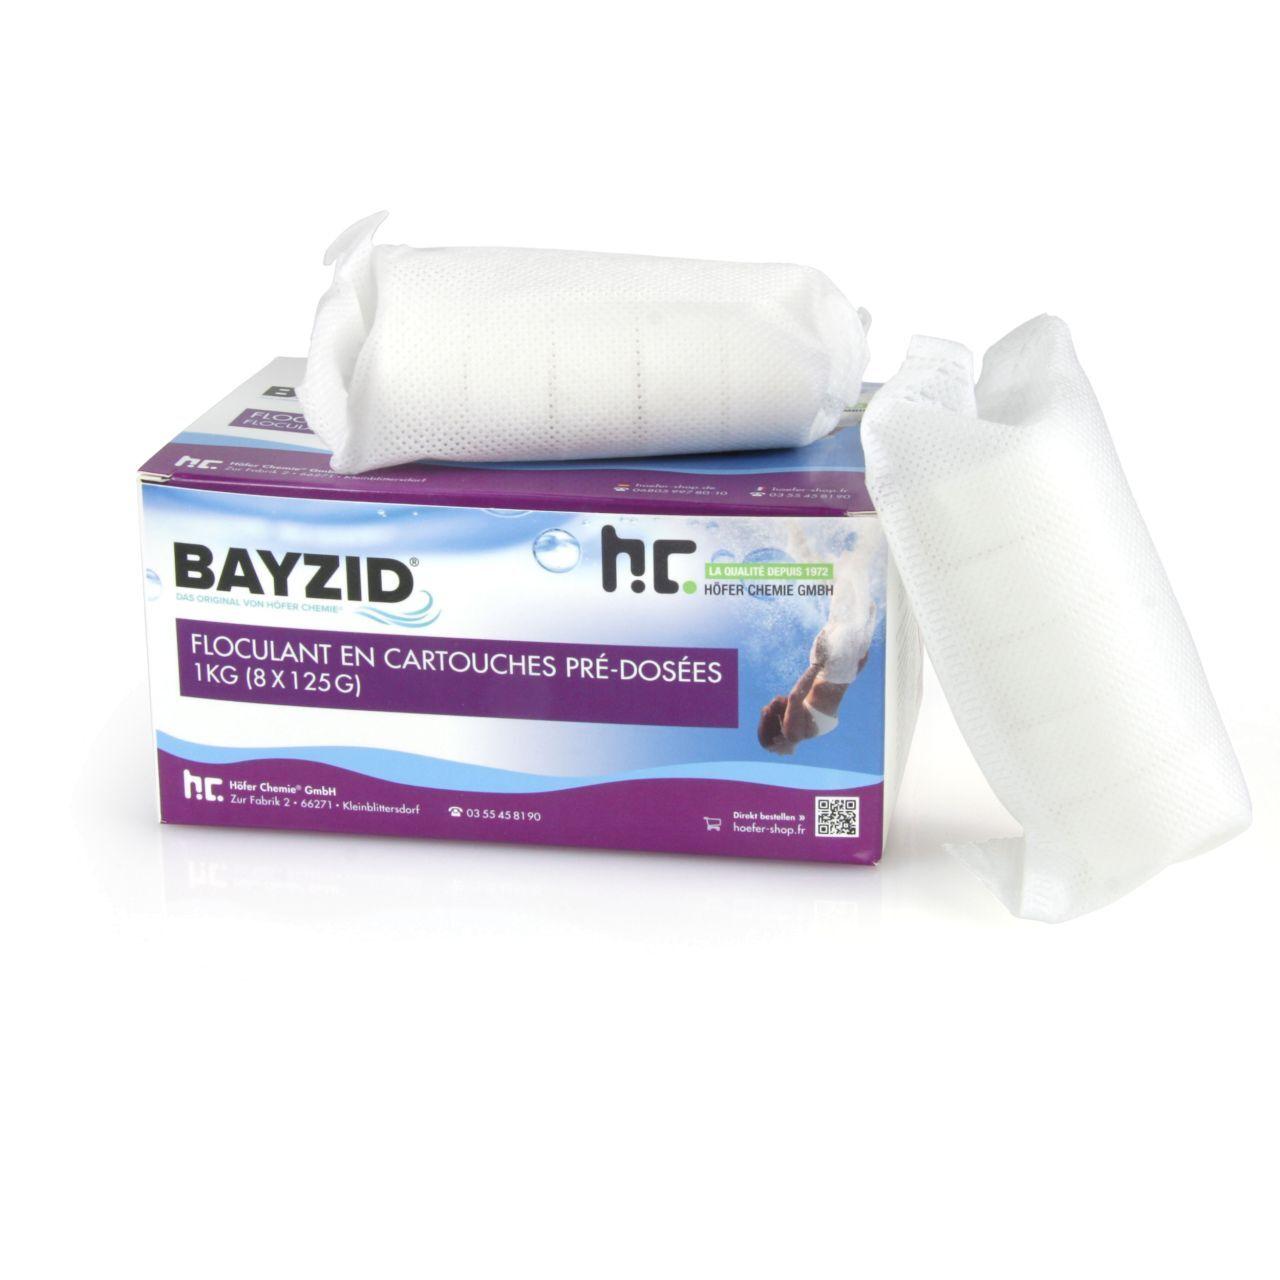 BAYZID 16 kg BAYZID® Cartouches de floculant pré-dosées (8x 125g) (16 x 1 kg)